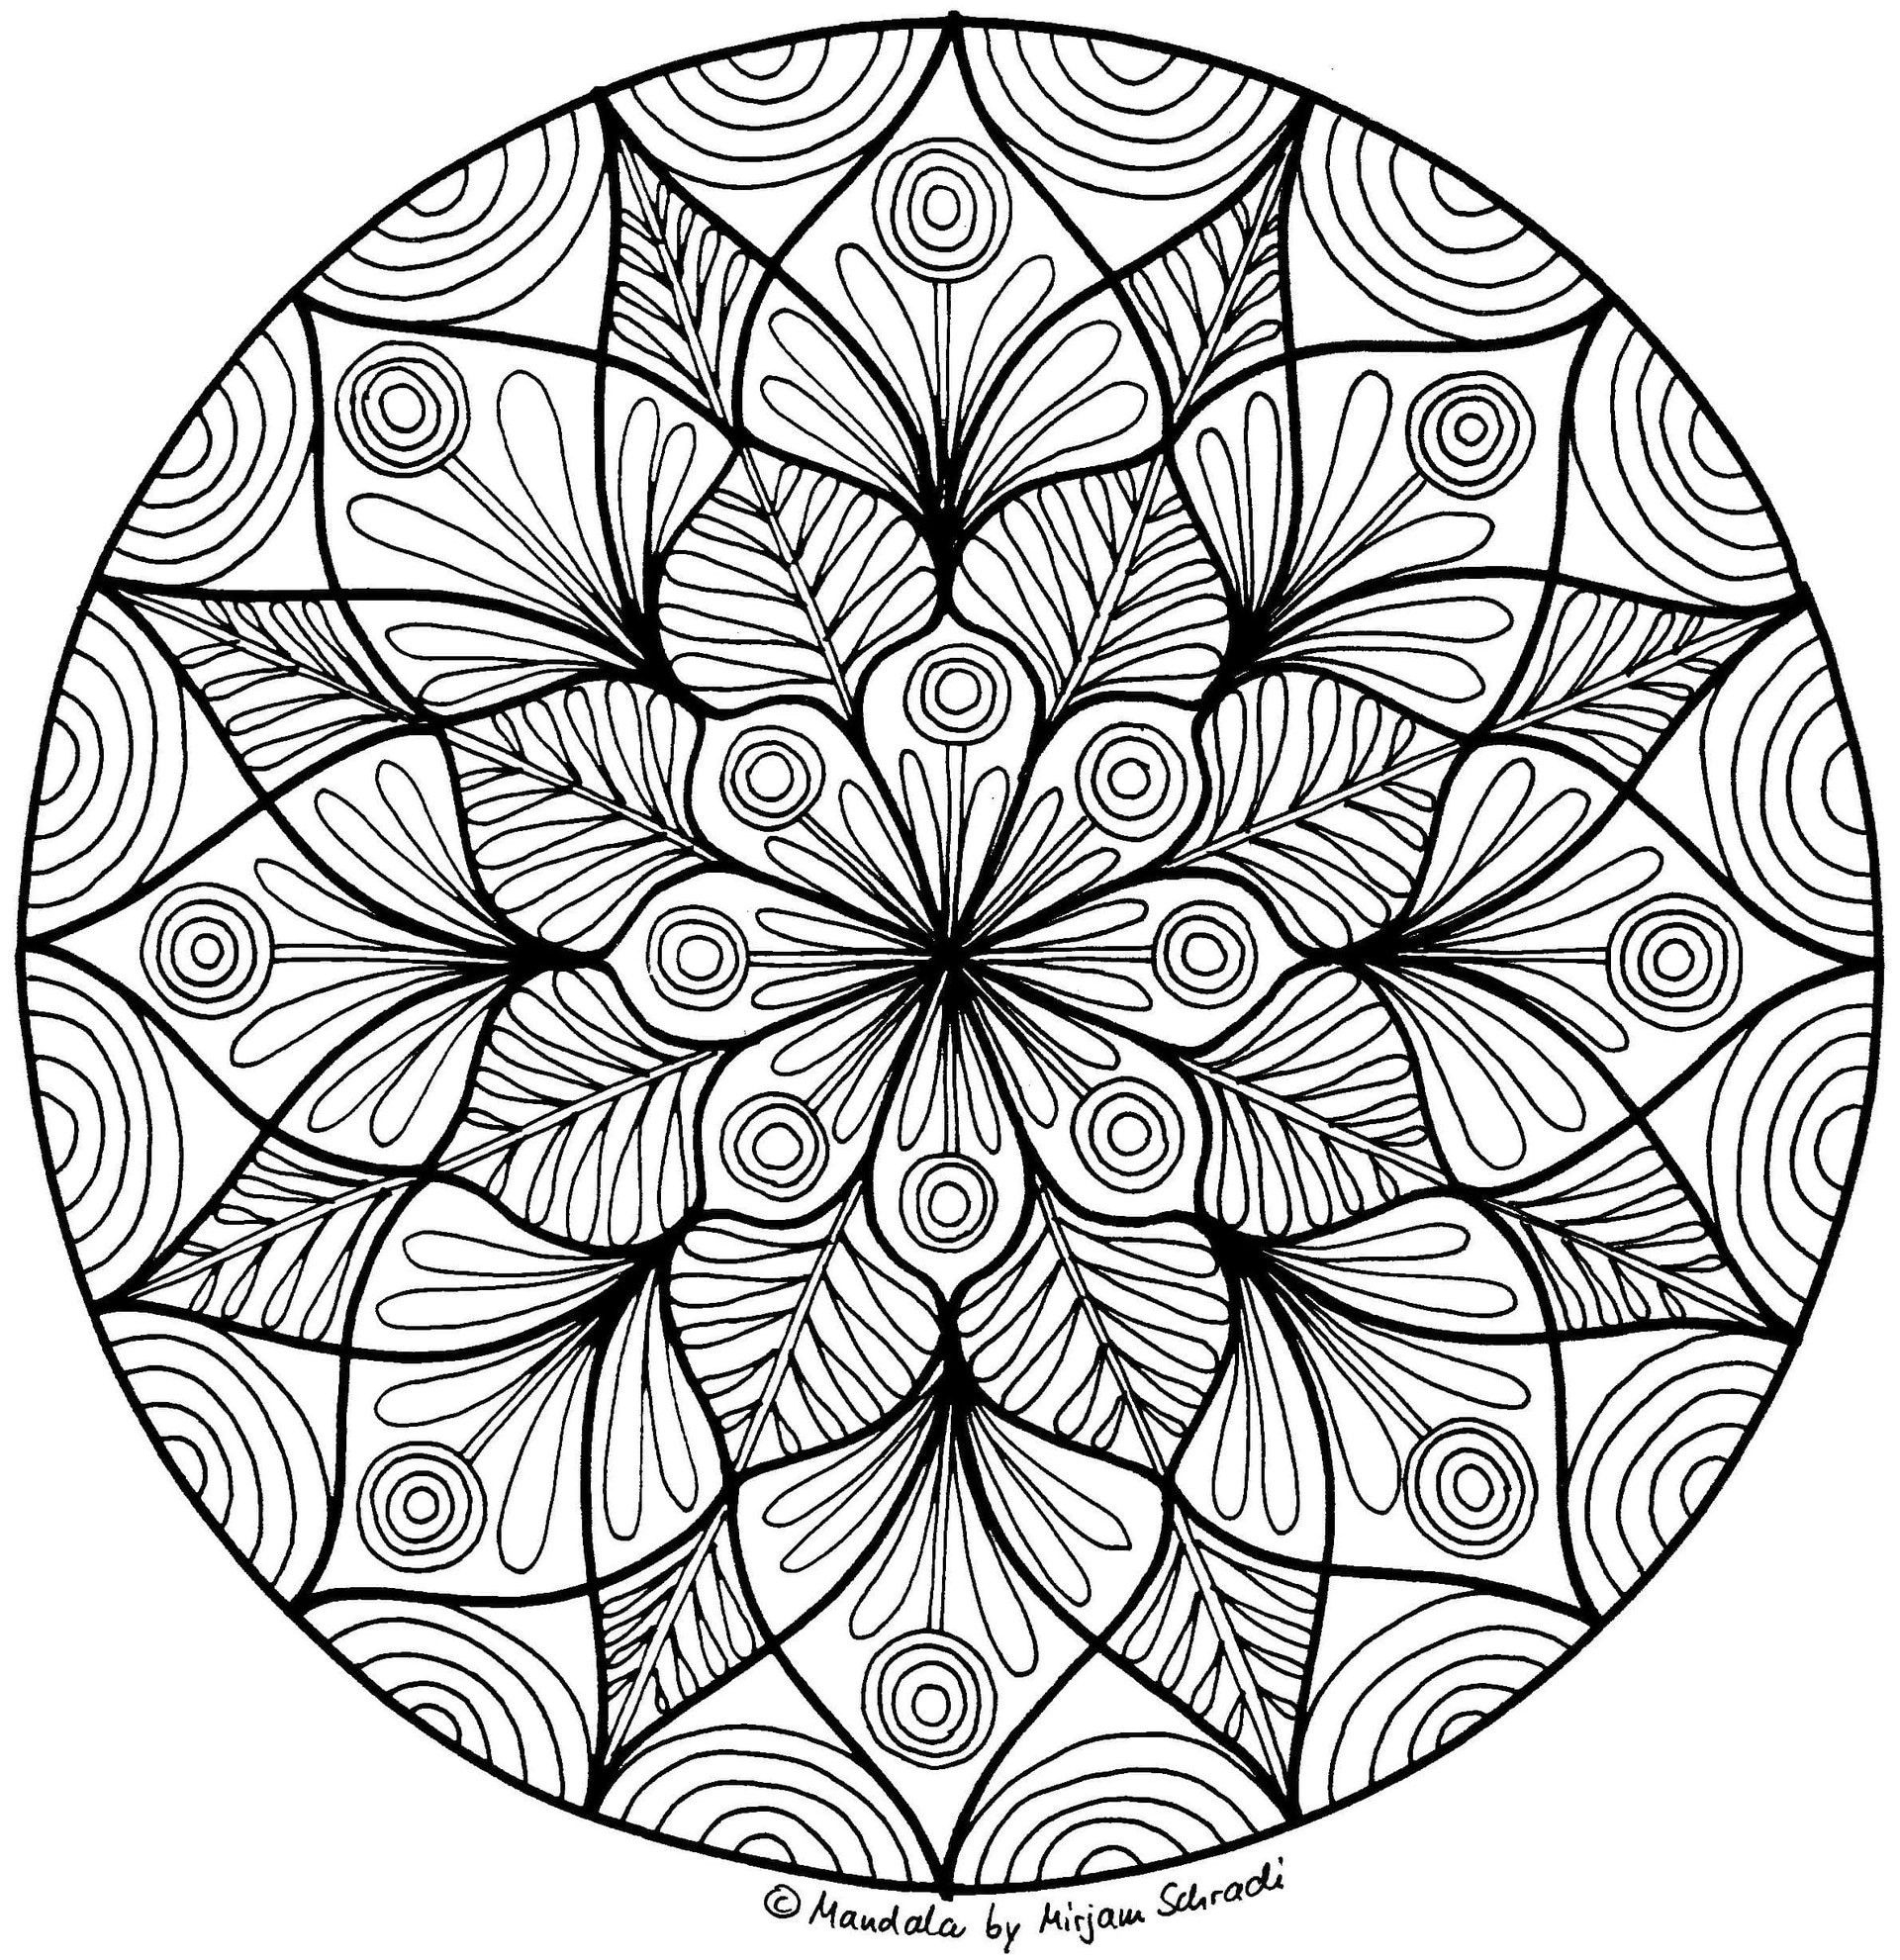 Pin Auf Colouring Pages innen Schwierige Mandalas Zum Ausmalen Für Erwachsene